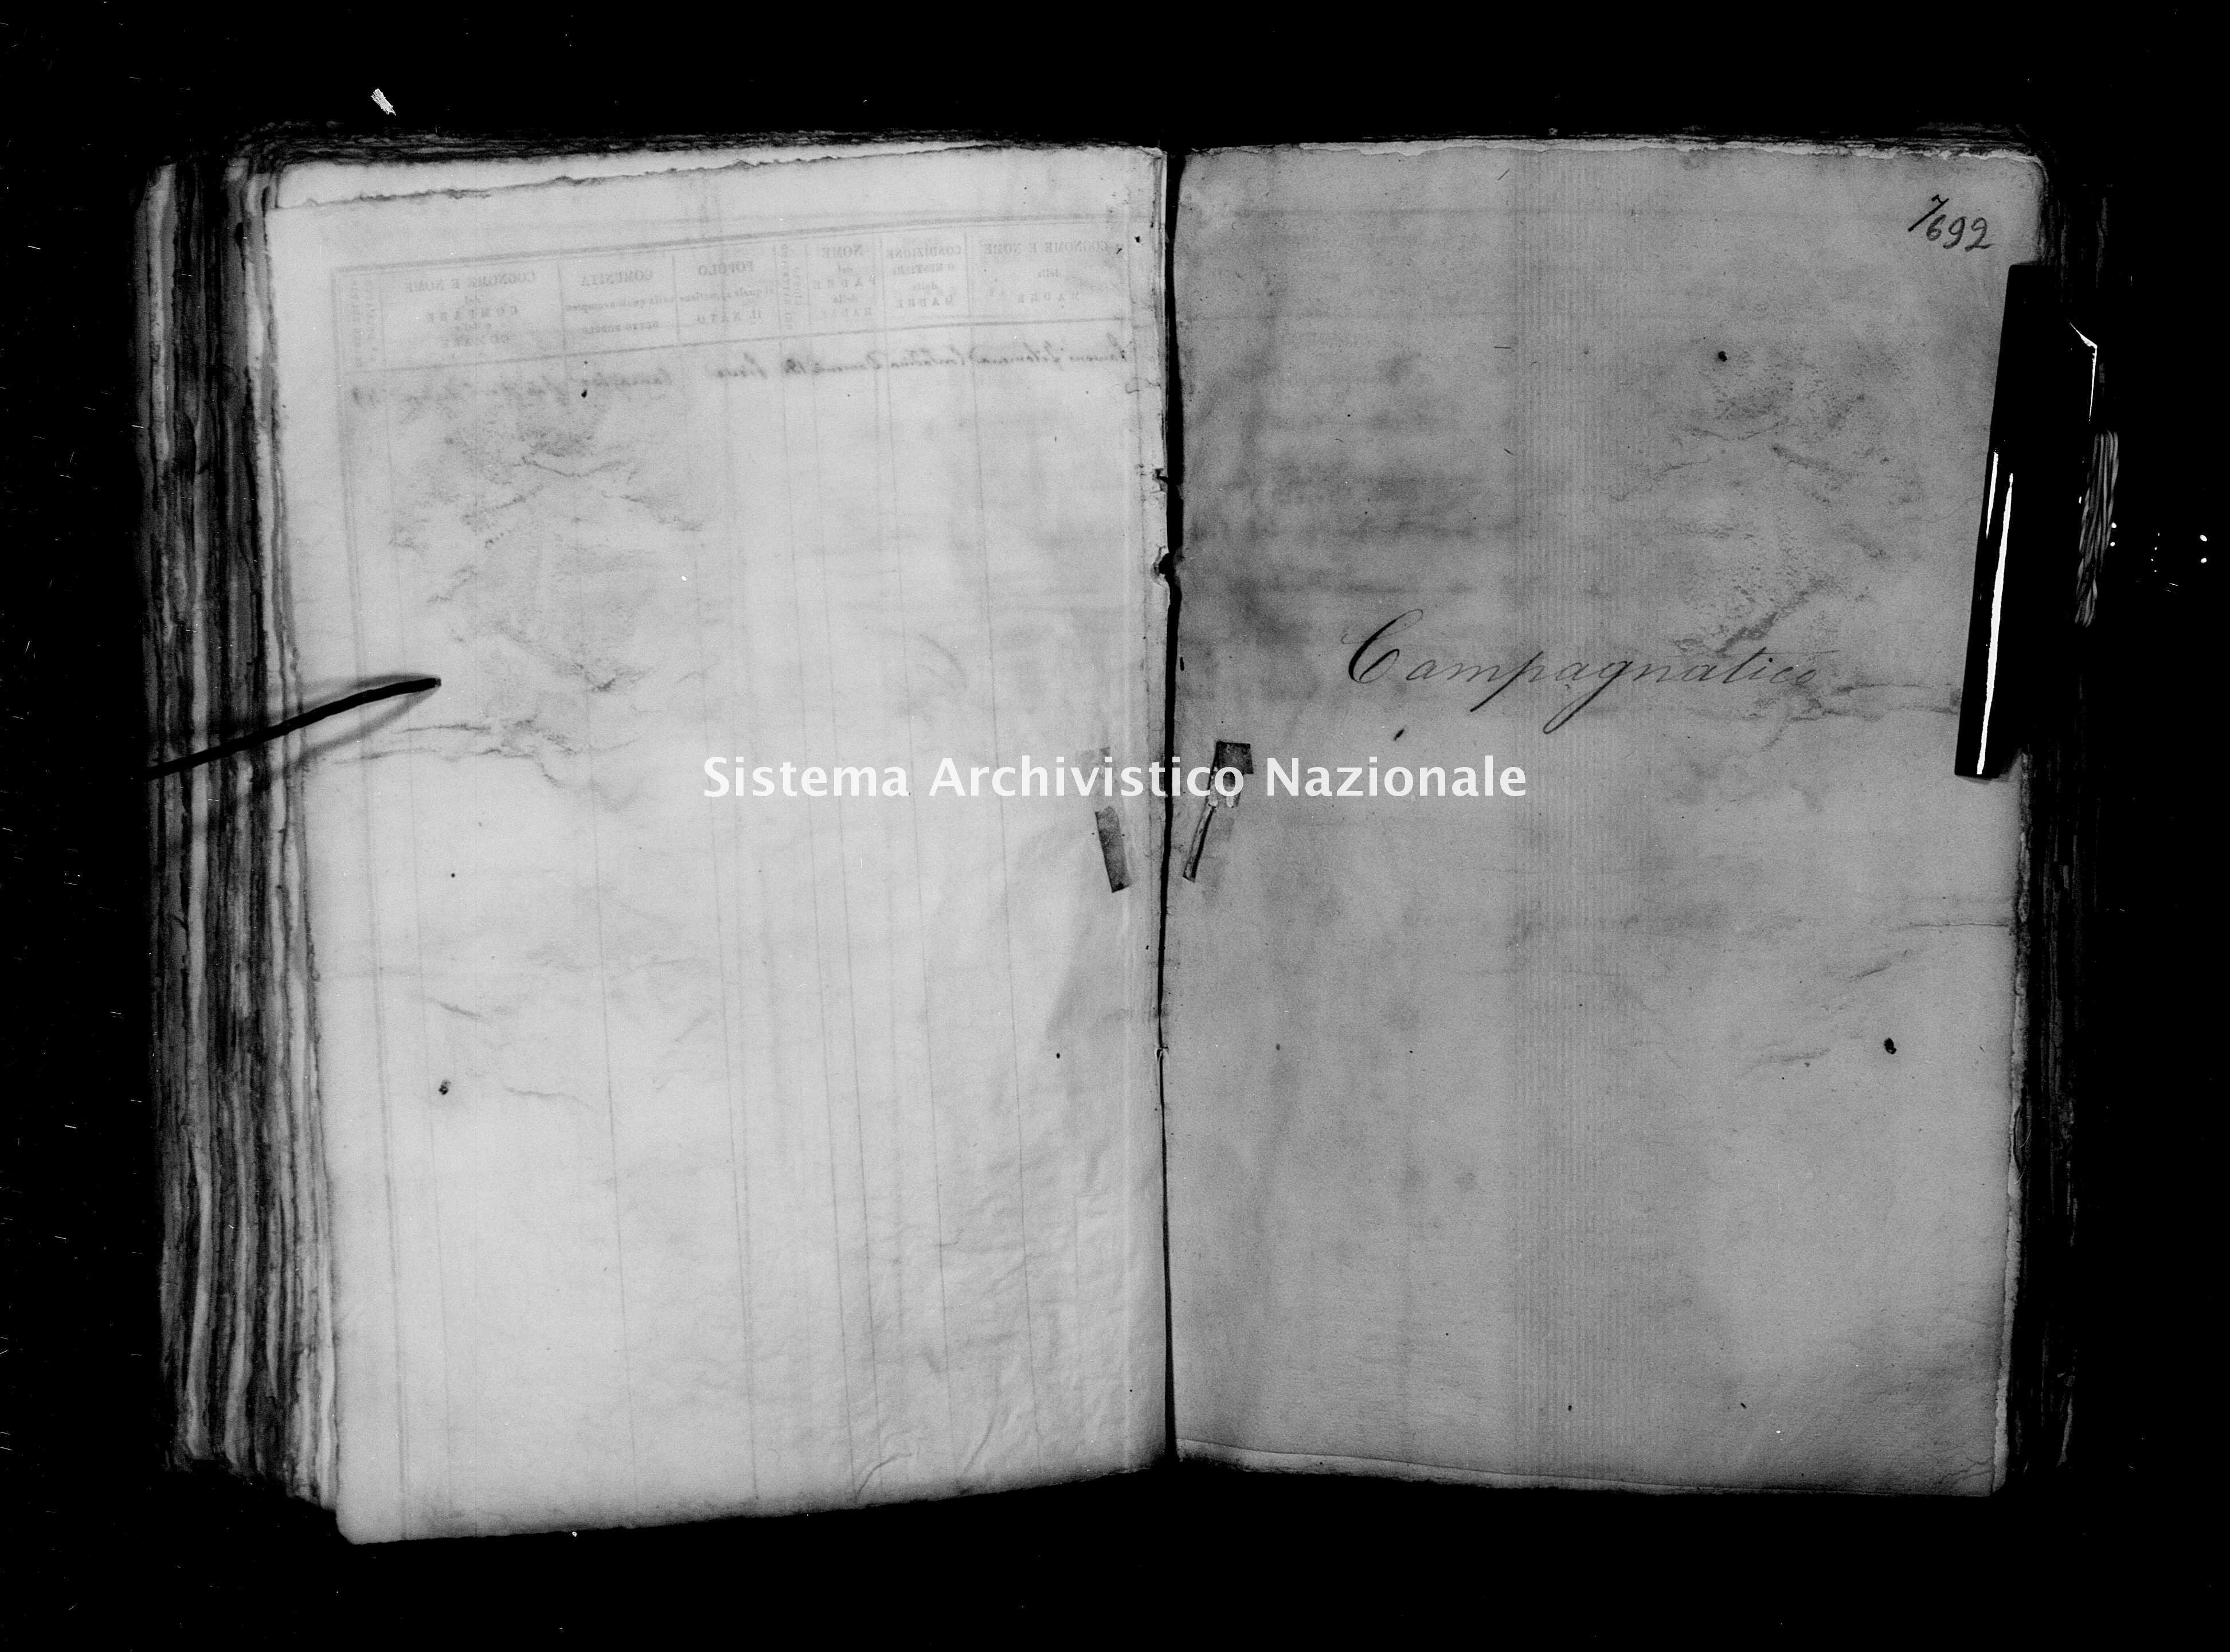 Archivio di stato di Firenze - Stato civile del circondario di Firenze (1866-1965) - Campagnatico - Nati - 1864 - 1450 -